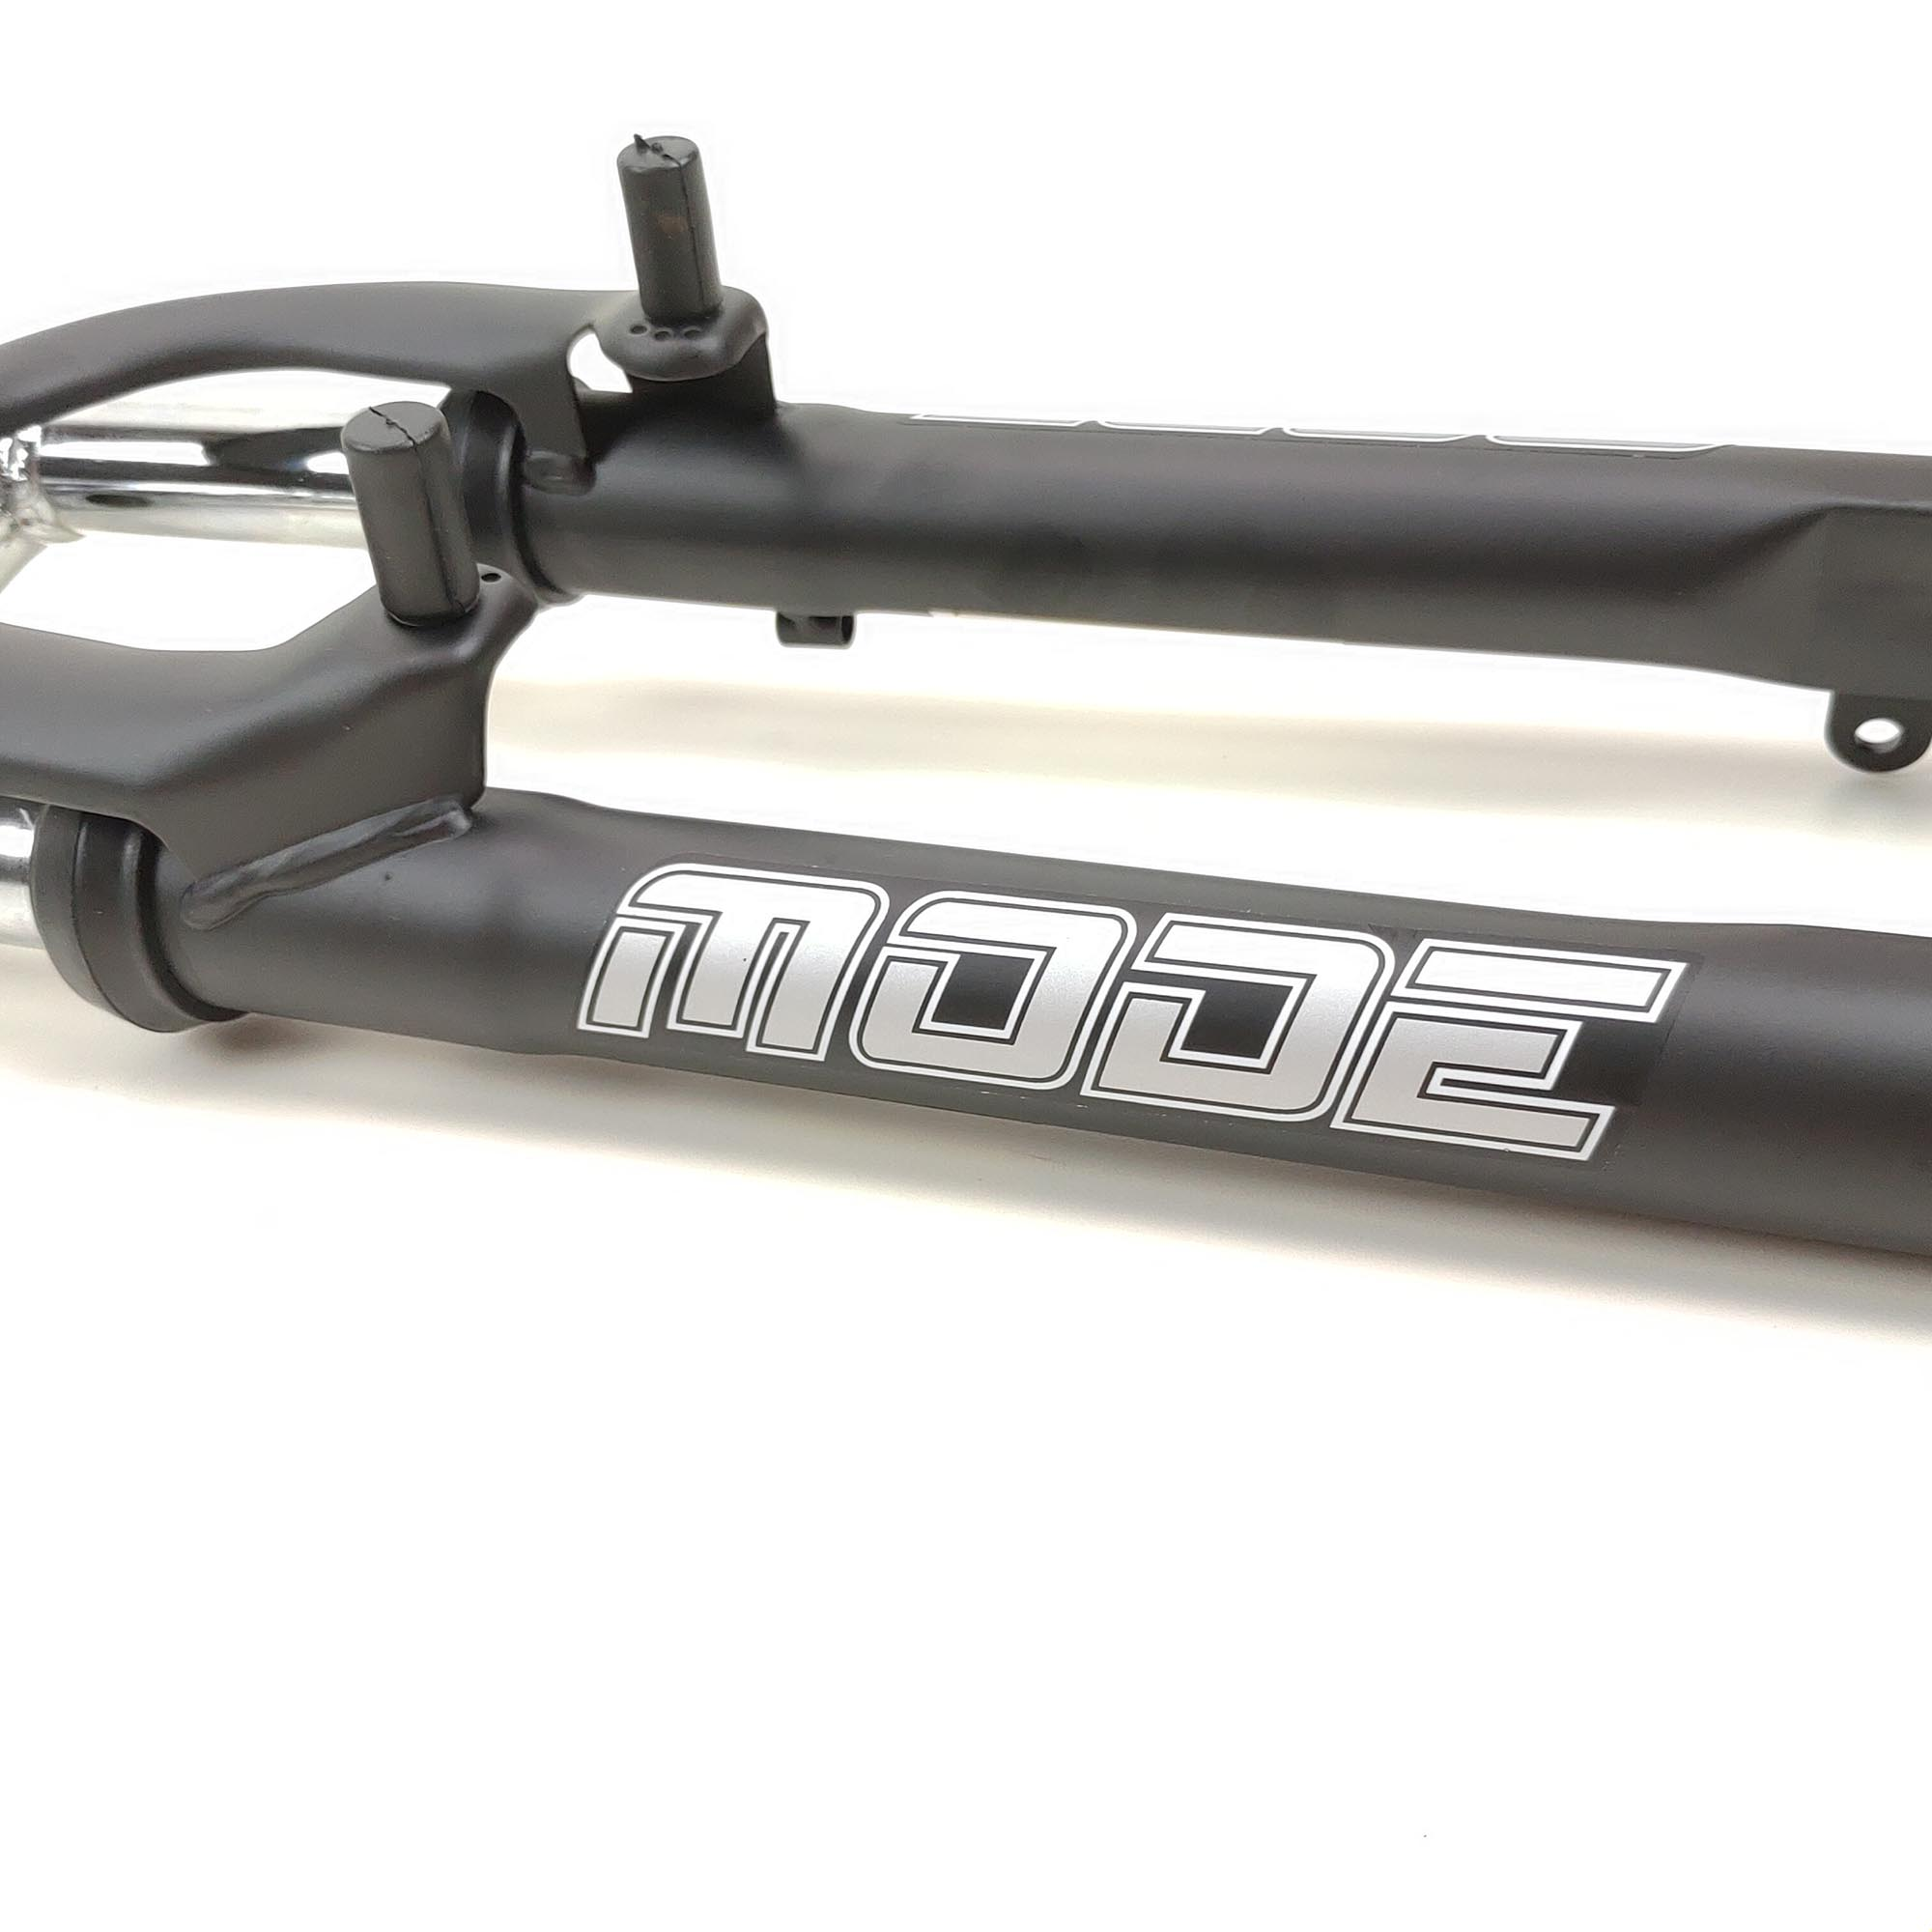 Amortecedor de Bike Suspensão Sem Trava Sem Regulagem Mode 26 Suspensao Aco A.Set V-brake Disc Pto